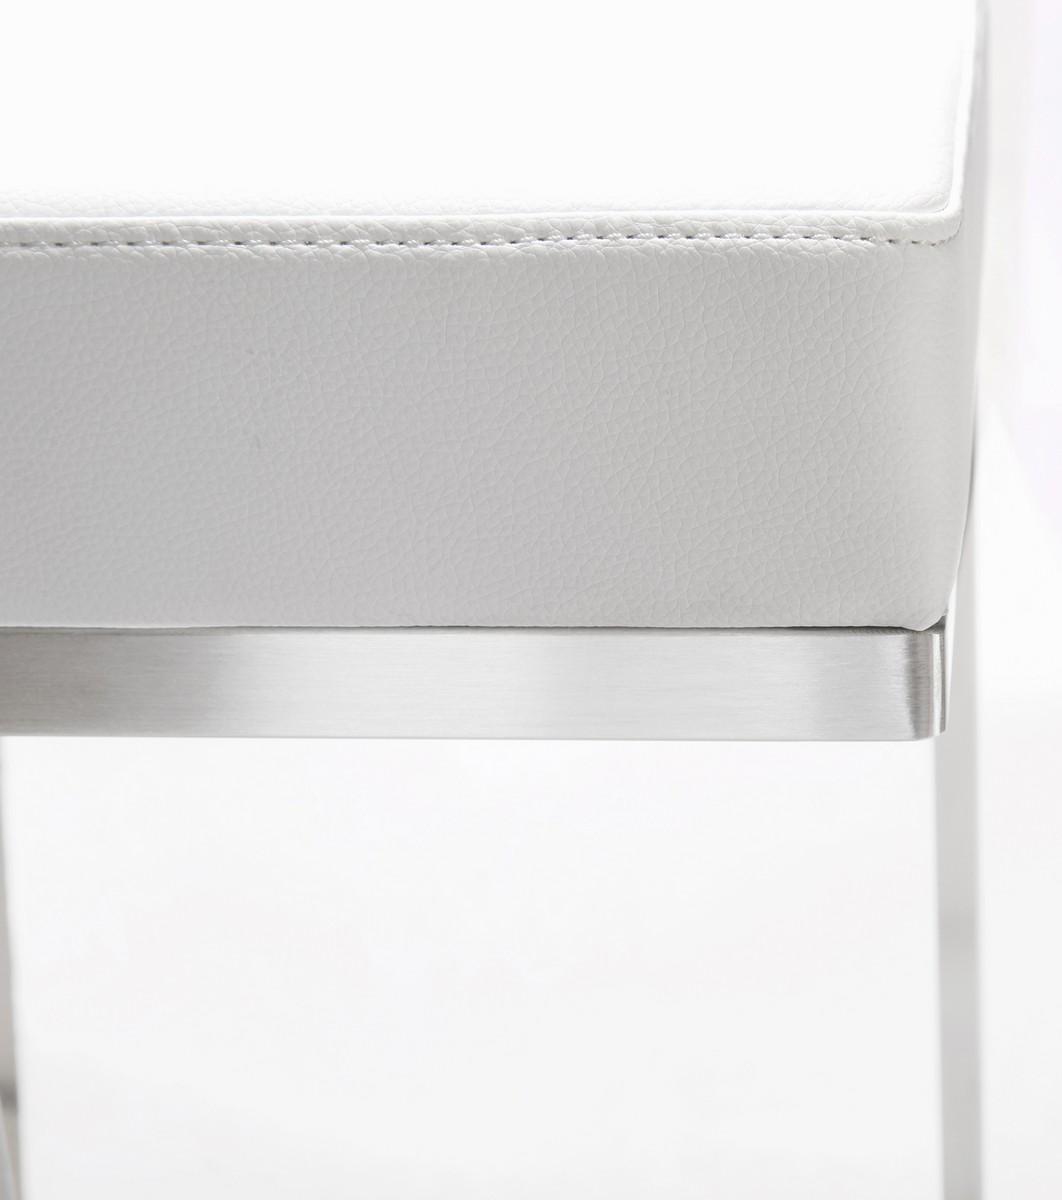 TOV Furniture Ferrara White Stainless Steel Barstool - Set of 2